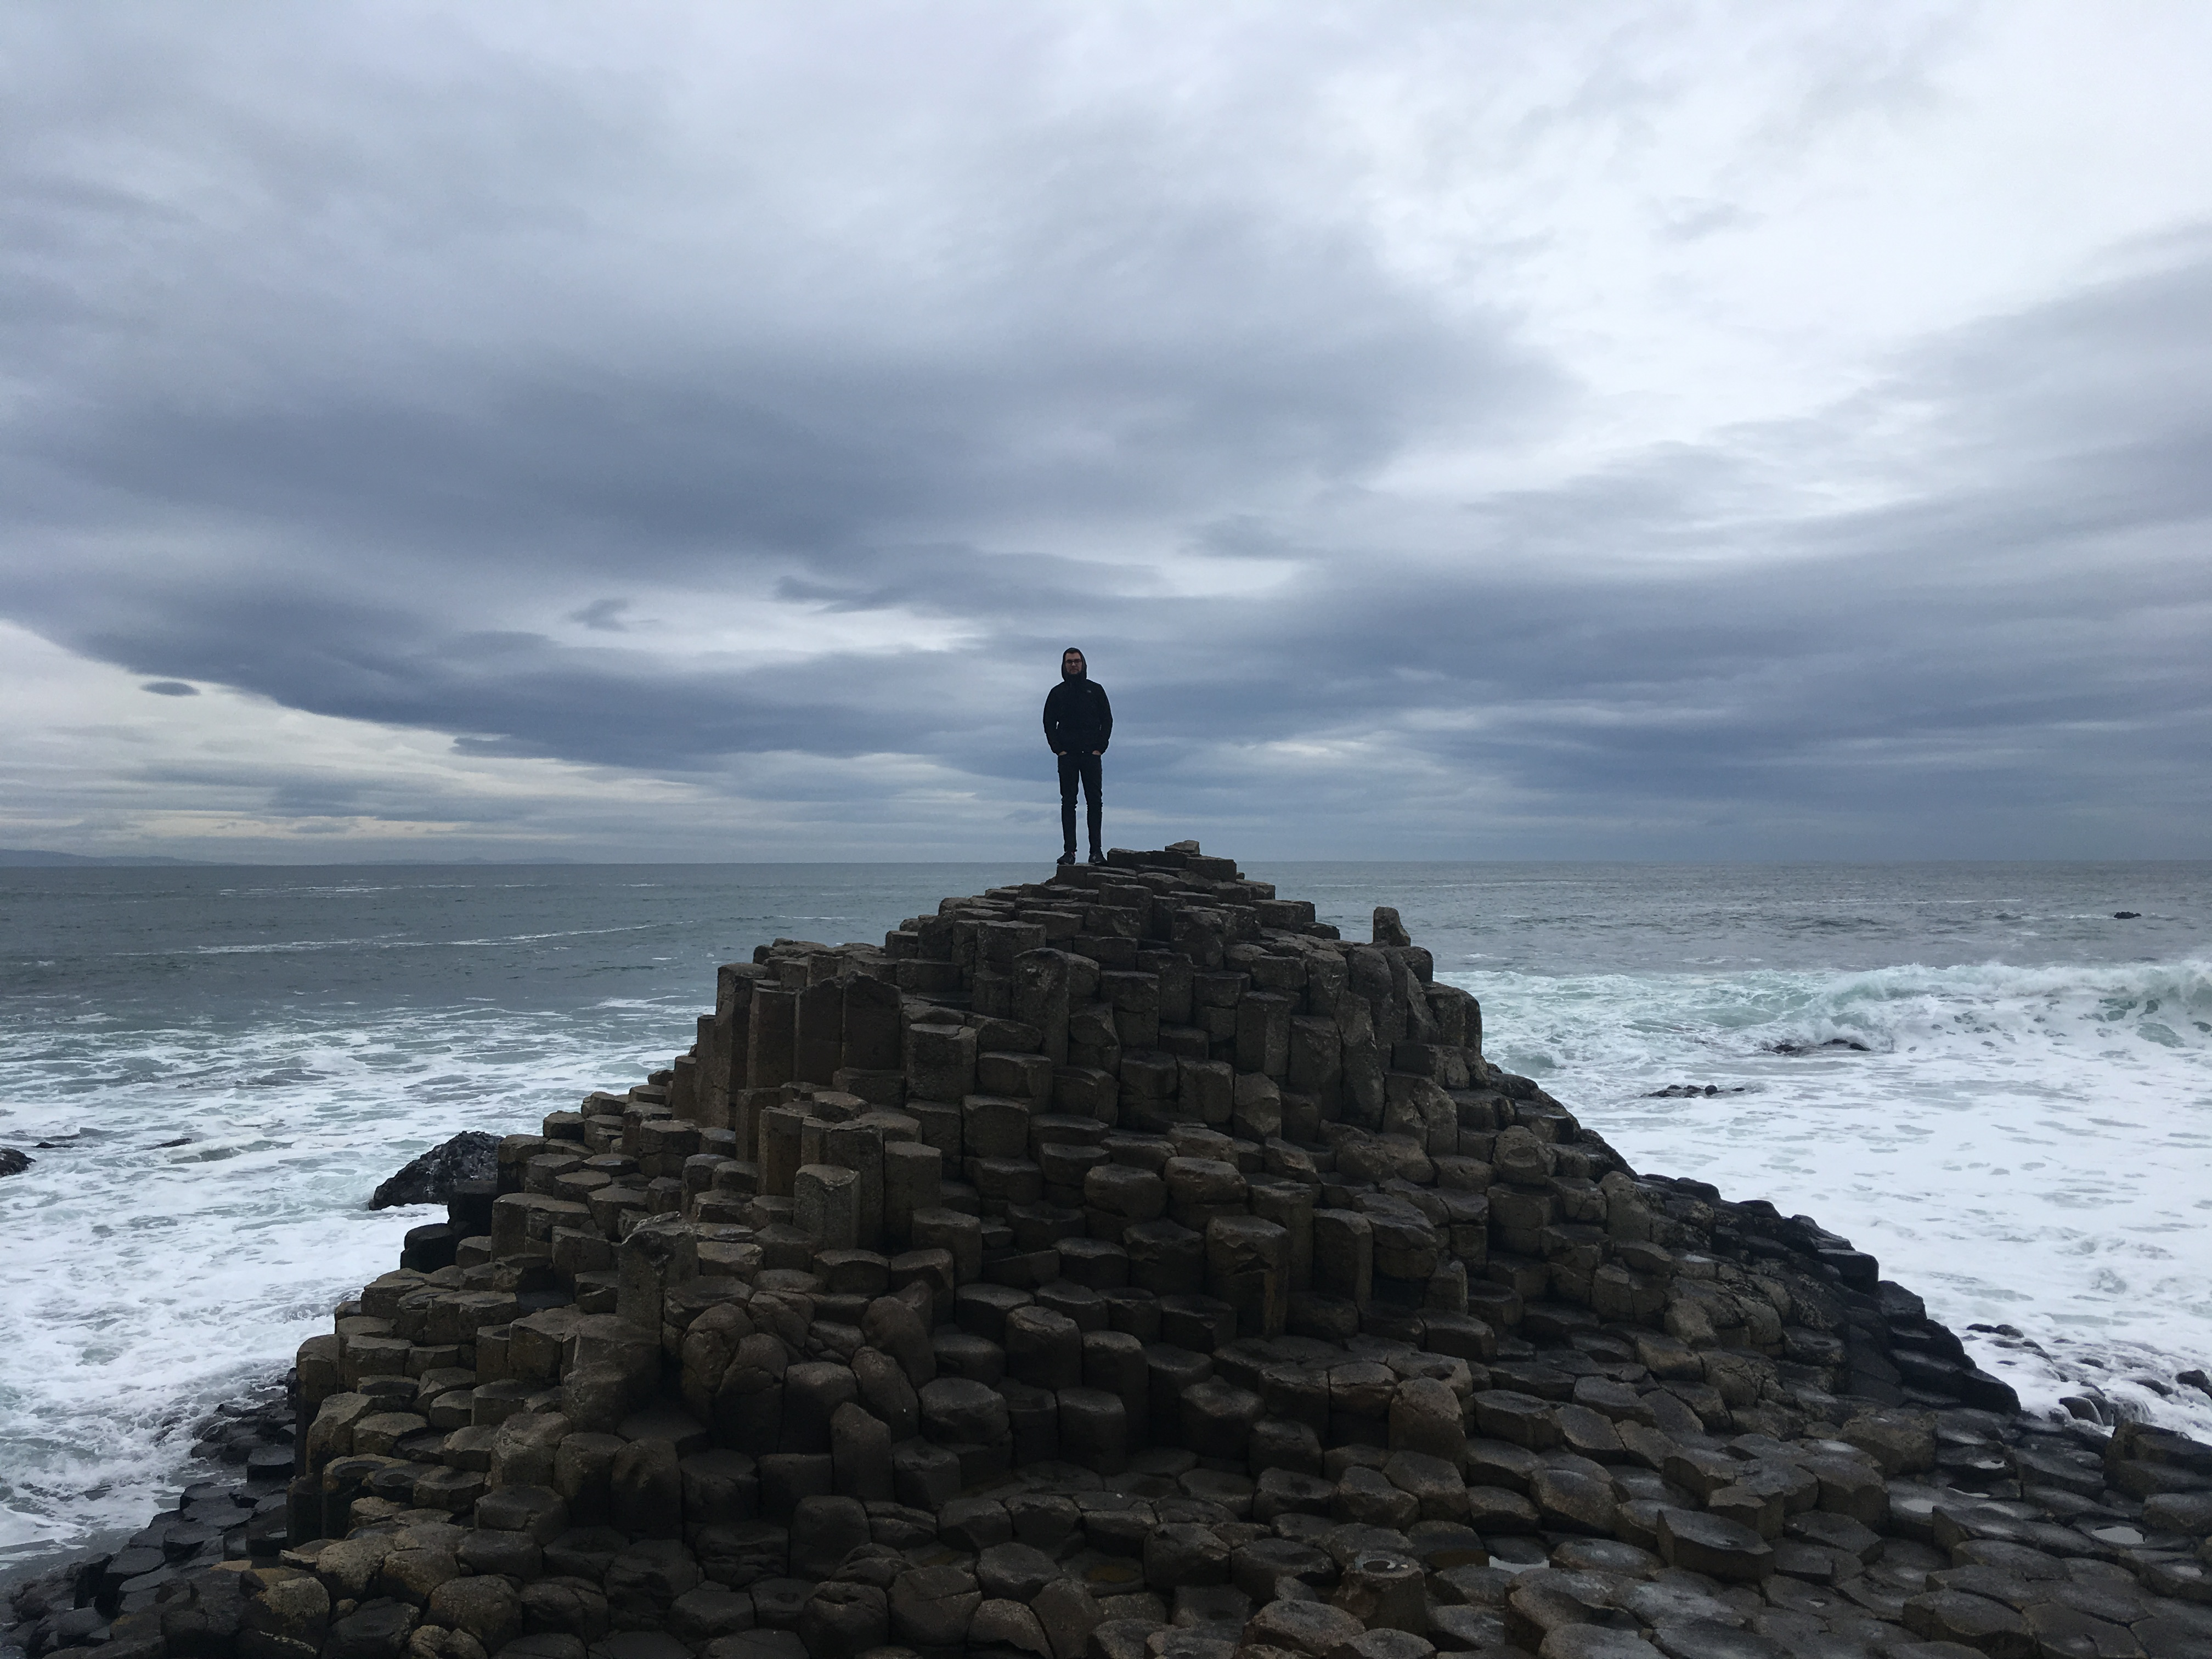 Jelentés a smaragd szigetről